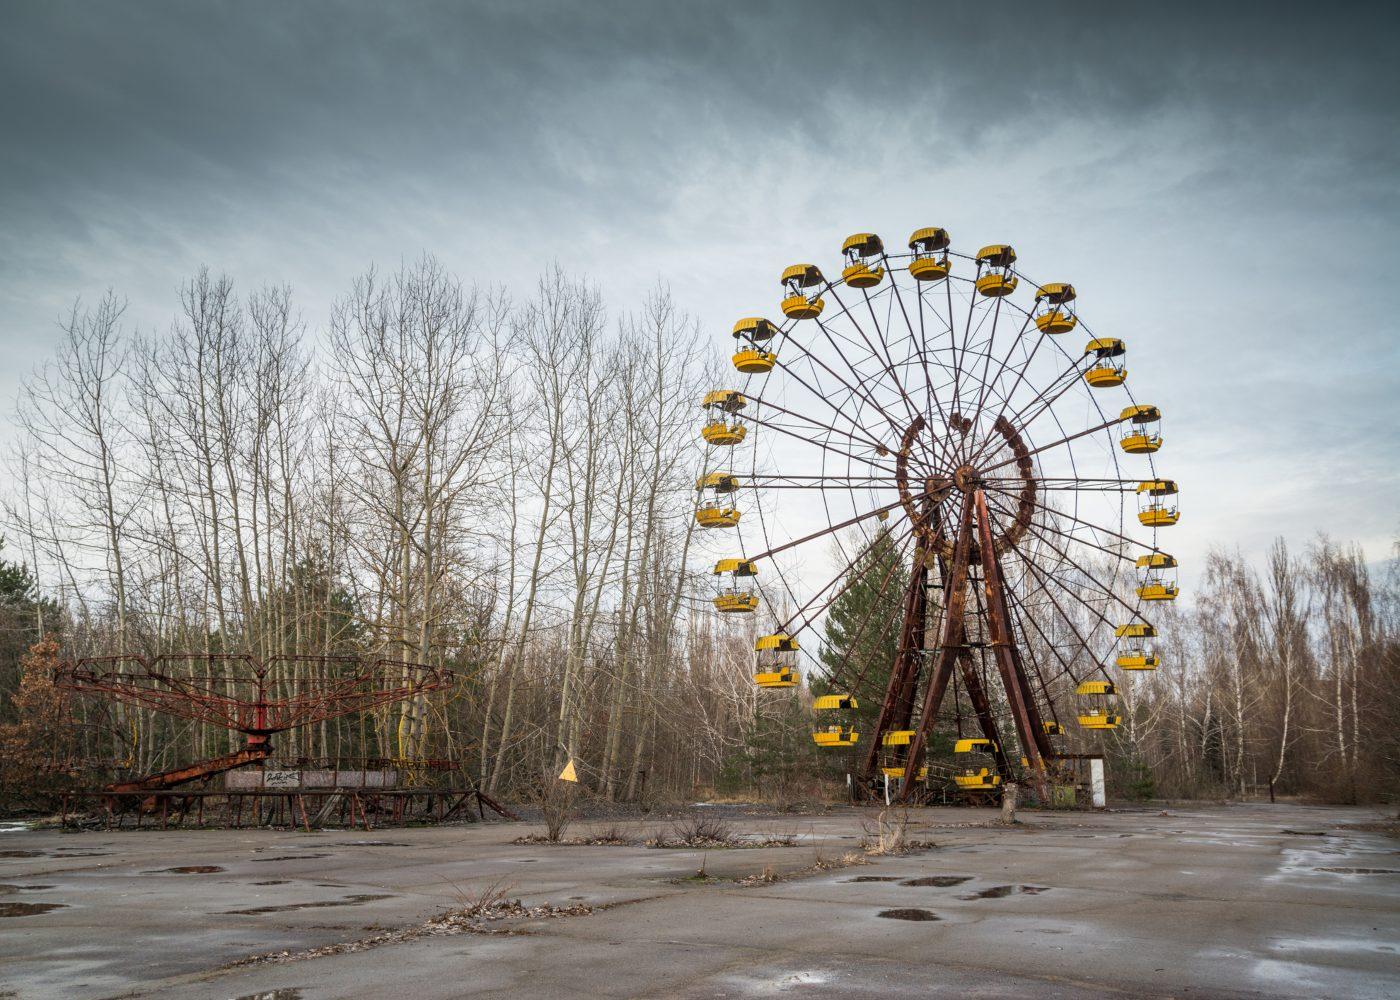 Roda gigante abandonada em Chernobyl